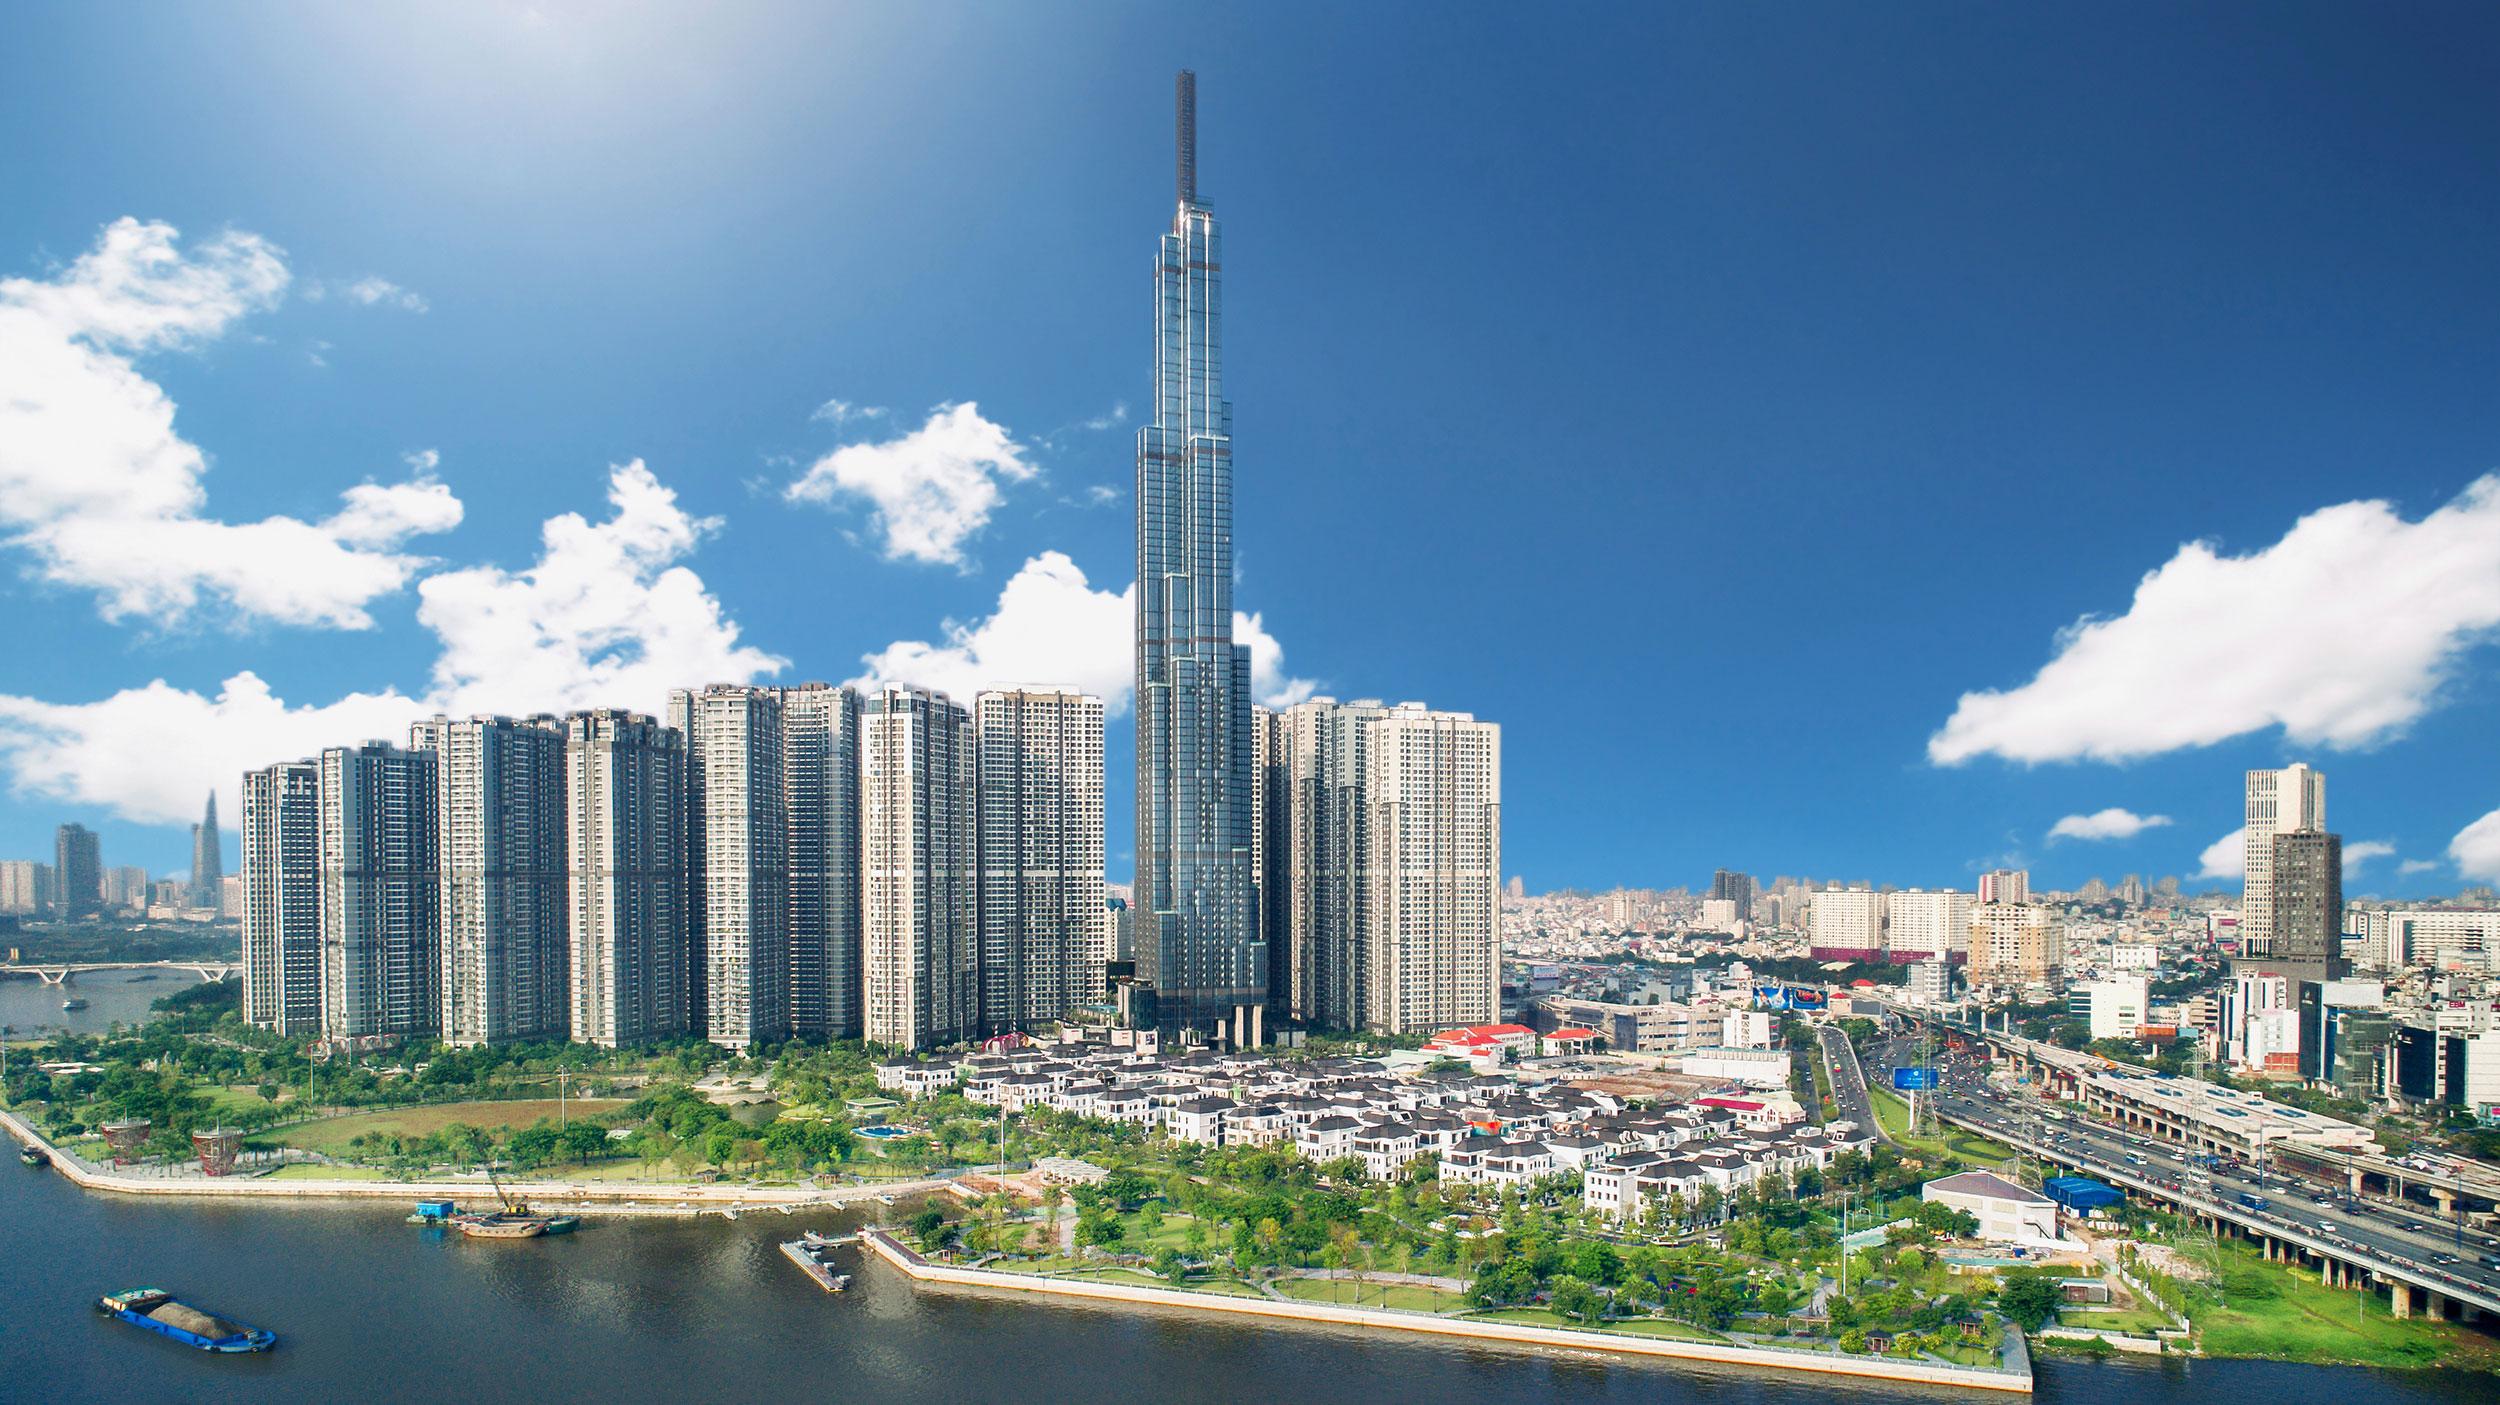 phối cảnh tổng quan thành phố khu đông mới